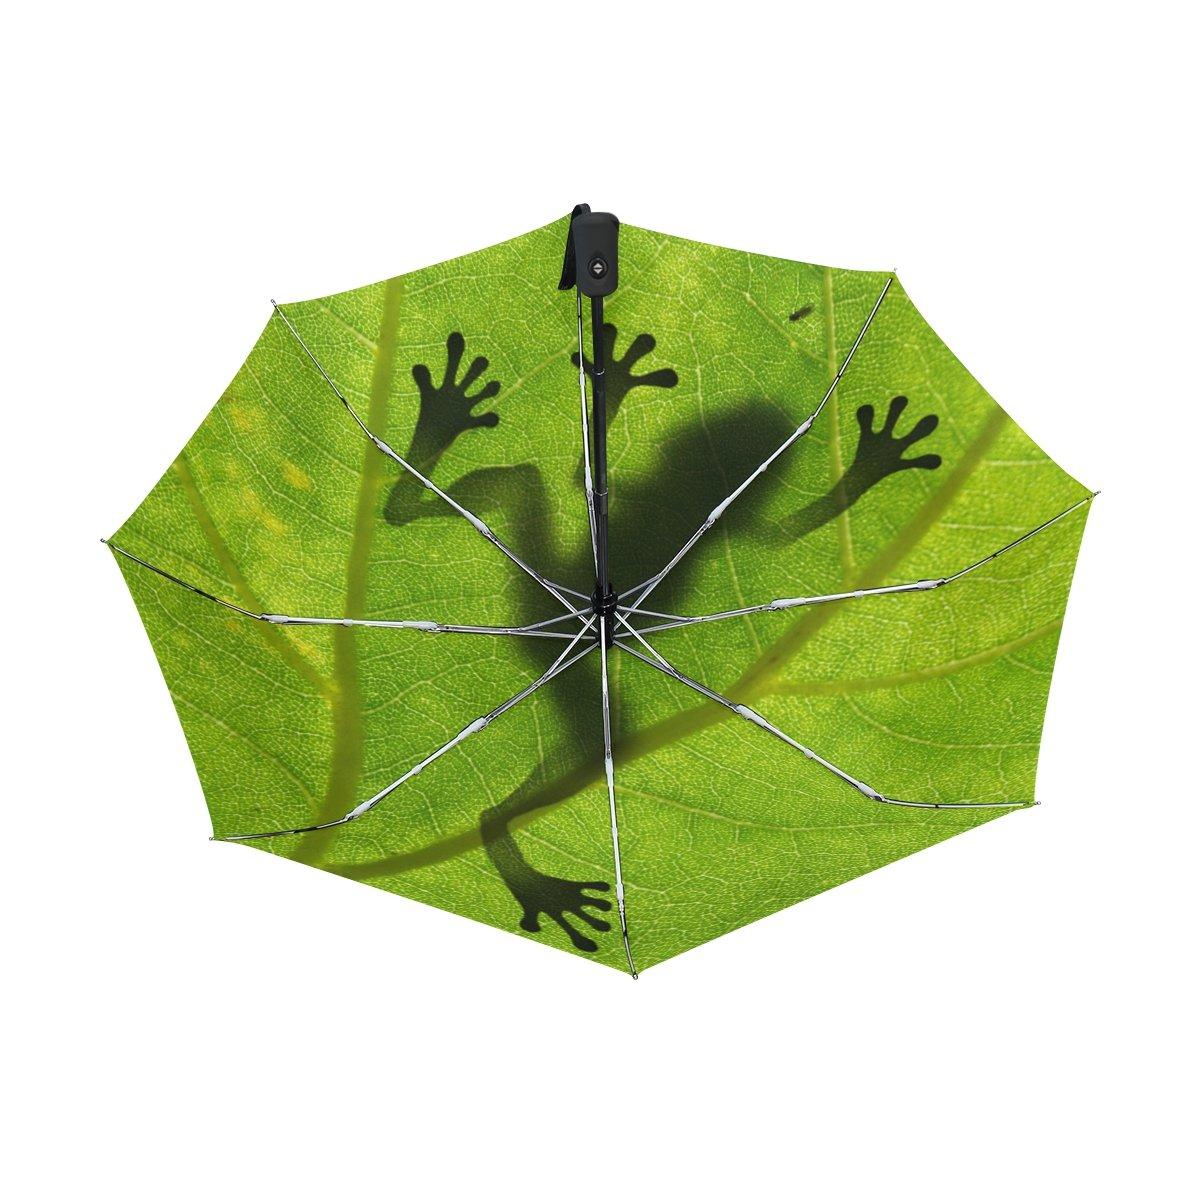 マキク(MAKIKU)の折りたたみ傘